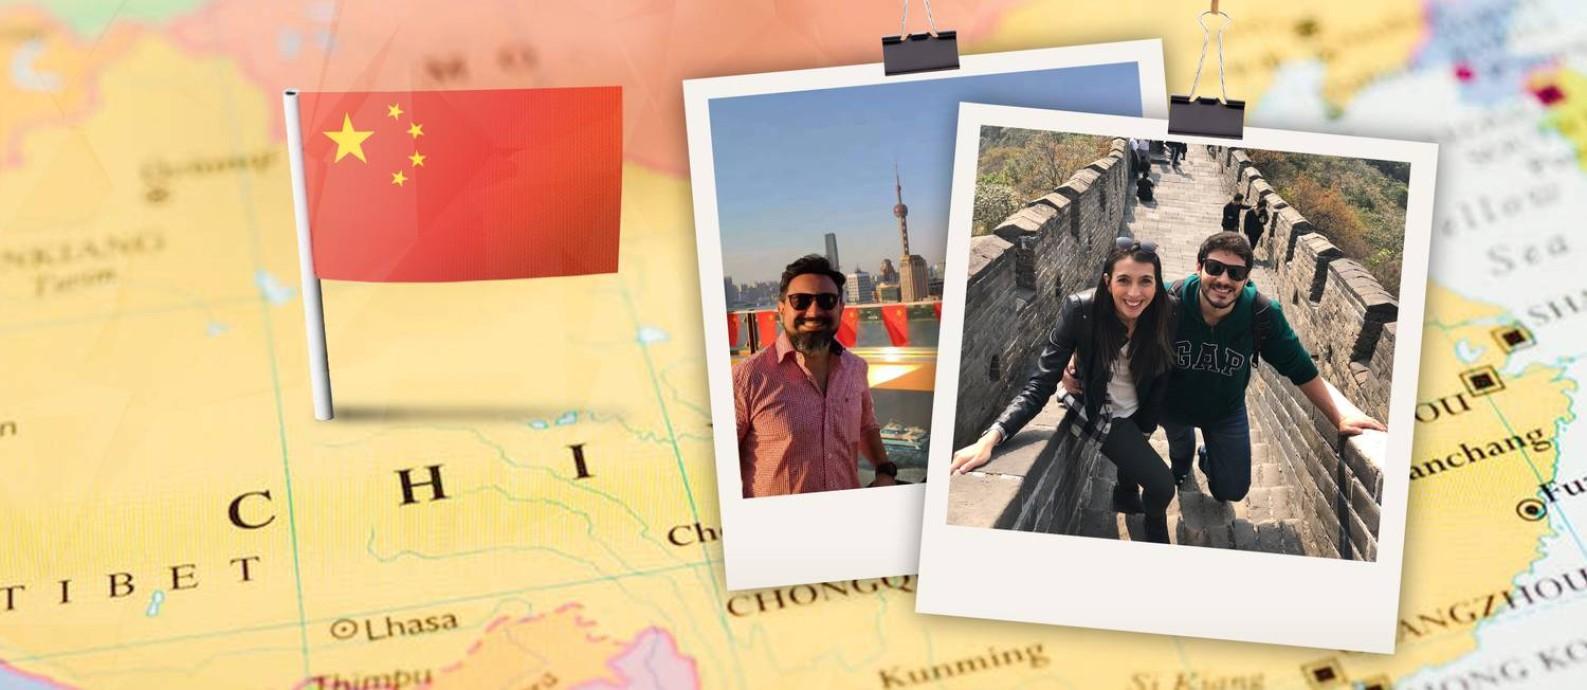 Fabiano Coelho Ponce, à esquerda, e o casal Naschara Saraiva e Leonardo Caligari na Grande Muralha da China Foto: Arte sobre fotos de arquivo pessoal